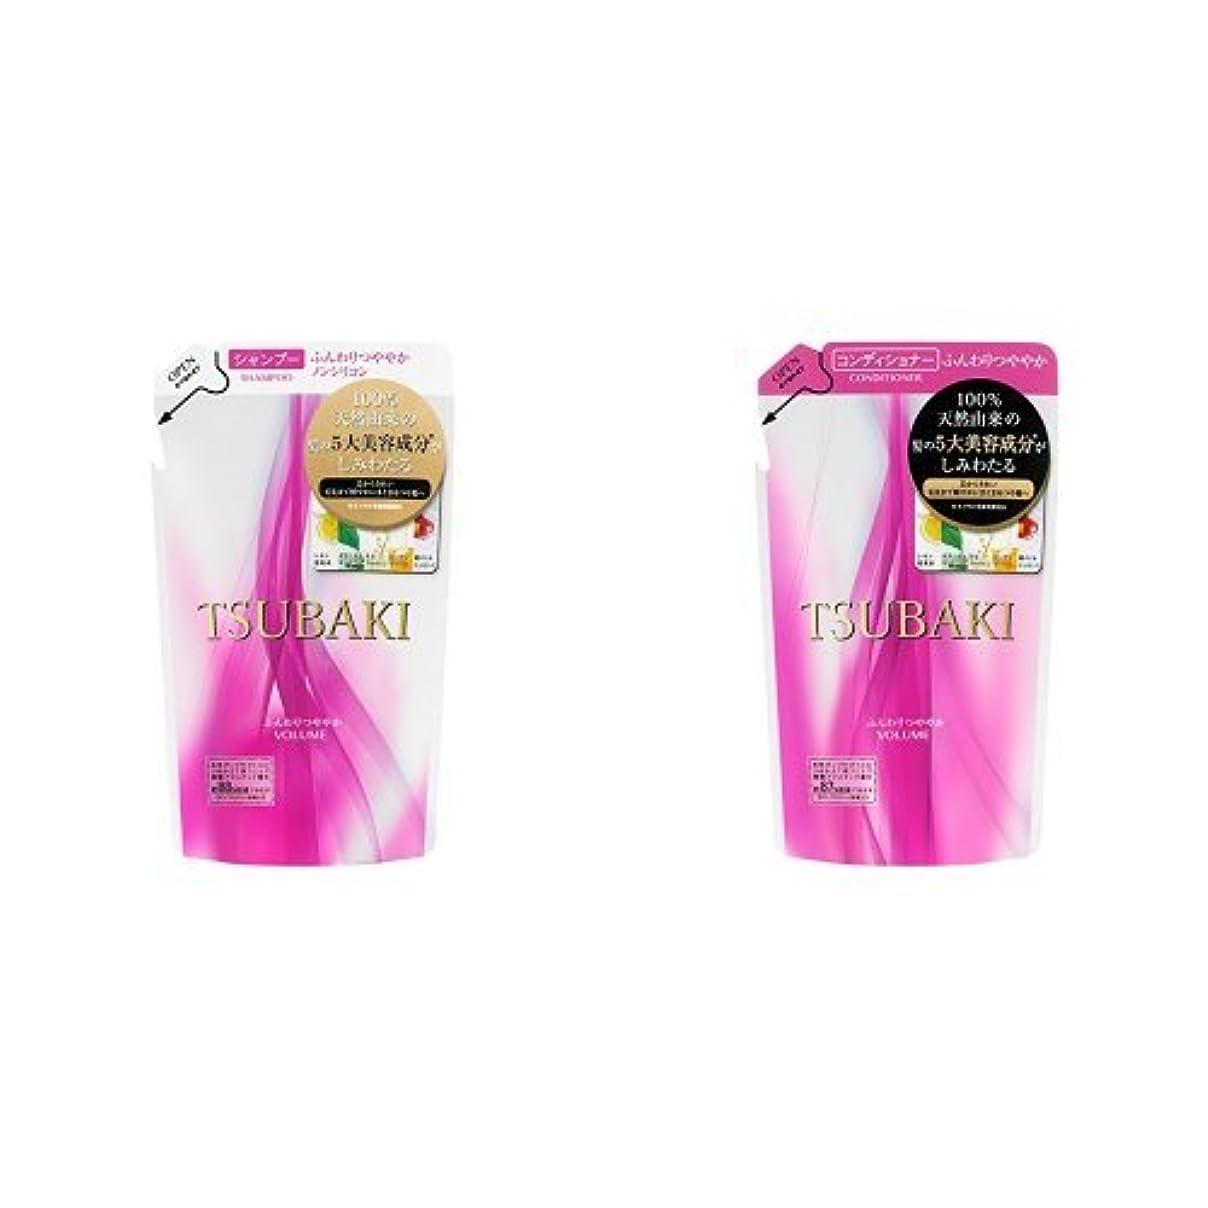 専門化するコンドーム香ばしい【セット買い】 TSUBAKI ふんわりつややか シャンプーつめかえ用 & コンディショナーつめかえ用 330mL